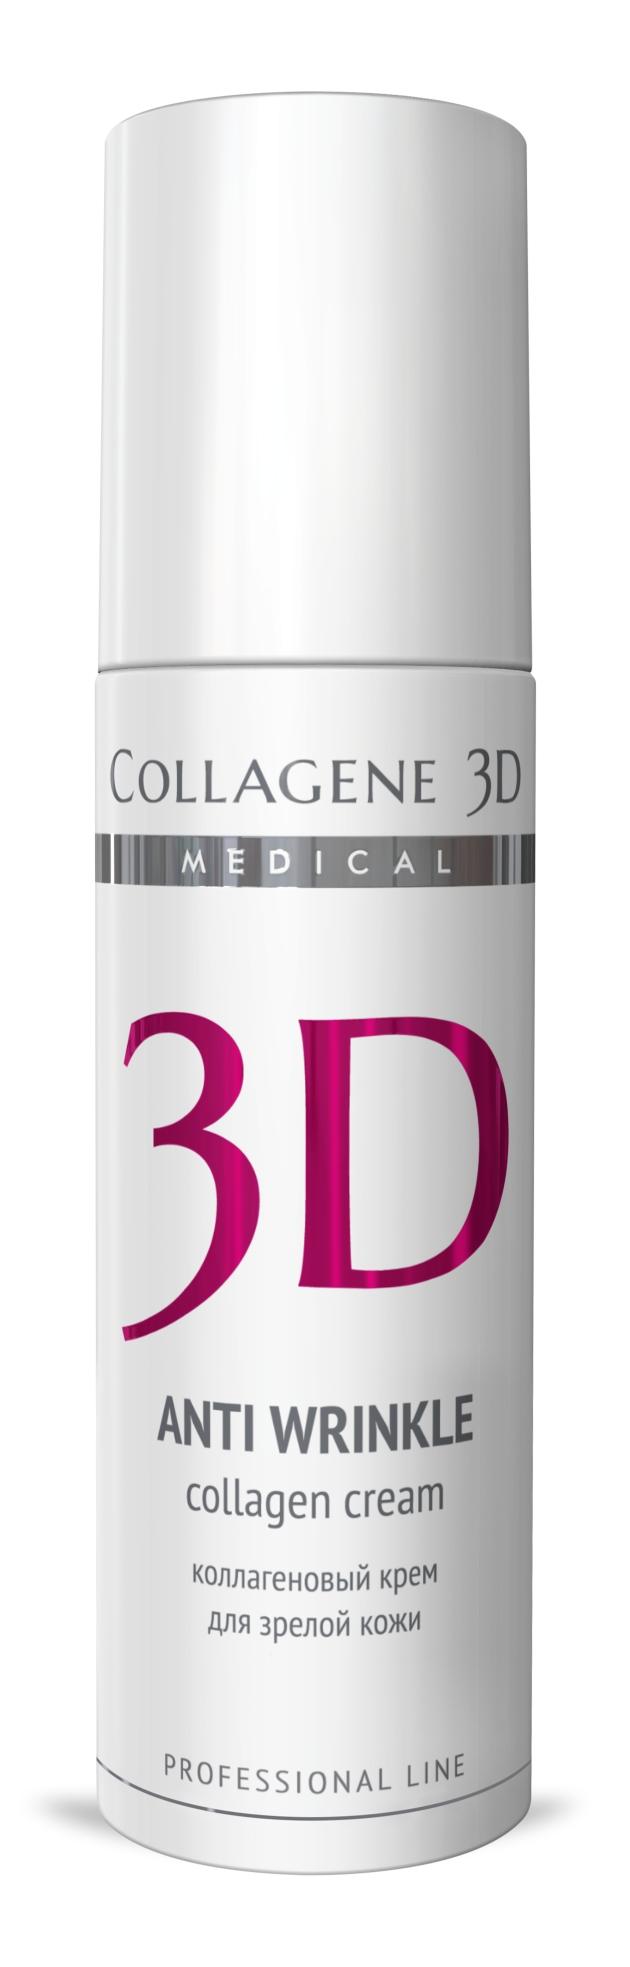 MEDICAL COLLAGENE 3D Крем с коллагеном и плацентолью для лица Anti Wrinkle 150мл проф.Кремы<br>Благодаря богатому комплексу активных ингредиентов крема уменьшается выраженность глубоких морщин, восполняется дефицит биологически активных веществ и стимулируется обновление кожи. Нативный коллаген, экстракт плаценты и гиалуроновая кислота способствуют омоложению, натуральные масла оливы и персика питают, увлажняют, обеспечивают естественную защиту, витамины А и Е – мощные антиоксиданты. Активные ингредиенты: нативный трехспиральный коллаген, экстракт плаценты, гиалуроновая кислота, масло оливы, персиковое масло, пантенол, витамин А, витамин Е. Способ применения: нанести тонким слоем на предварительно очищенную кожу лица, шеи и область декольте. Кремы рекомендуются как для экспресс-процедур, так и для курсового применения. Курсовое применение: 8-10 процедур. Проводить по 1 процедуре ежедневно или через день. Поддерживающие процедуры следует проводить 1 раз в неделю.<br><br>Назначение: Морщины